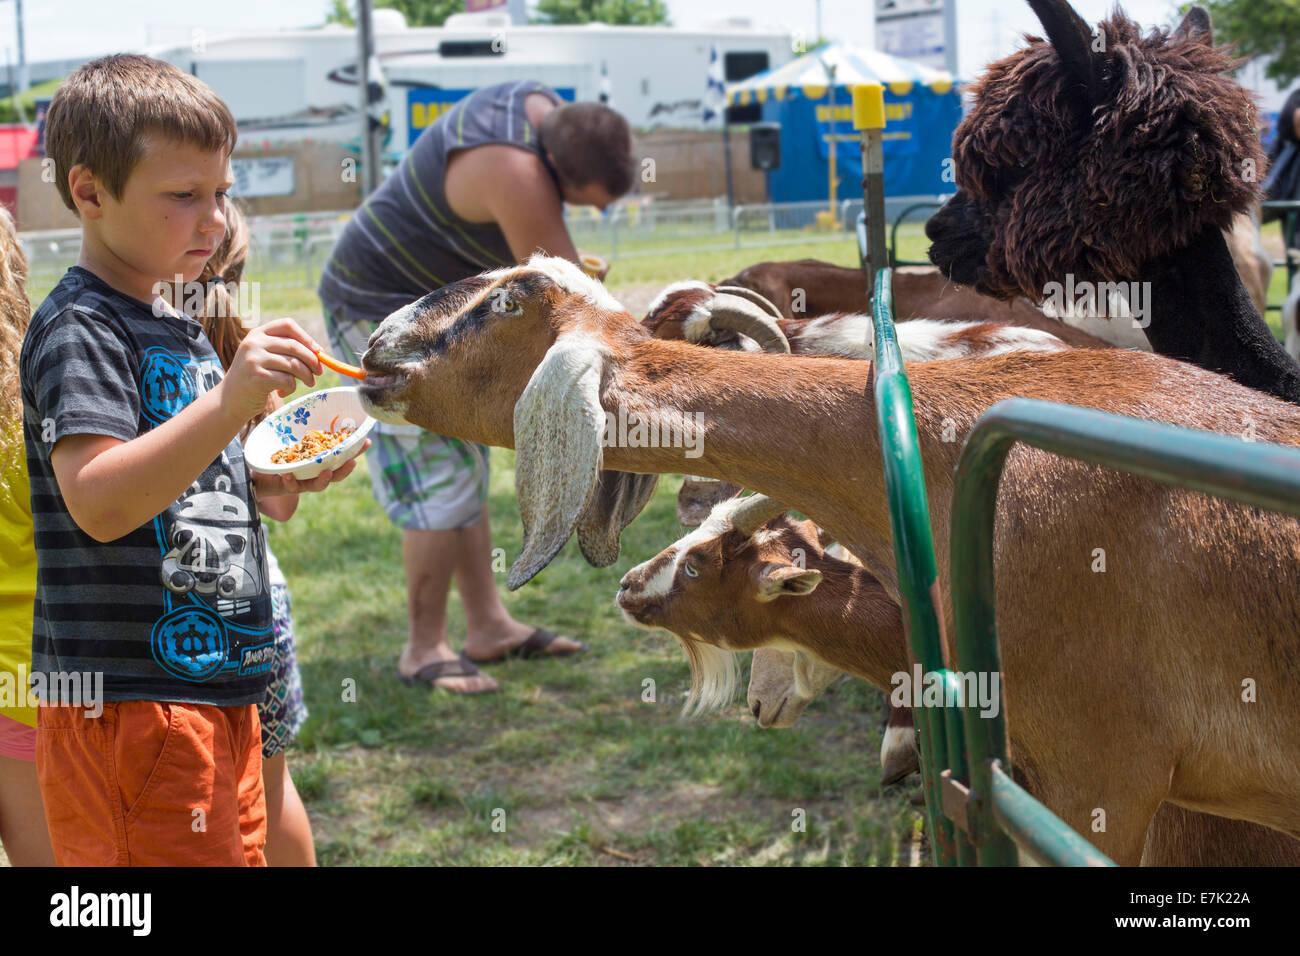 Sterling Heights, Michigan - Niños los animales en un zoológico de contacto durante el festival. Imagen De Stock